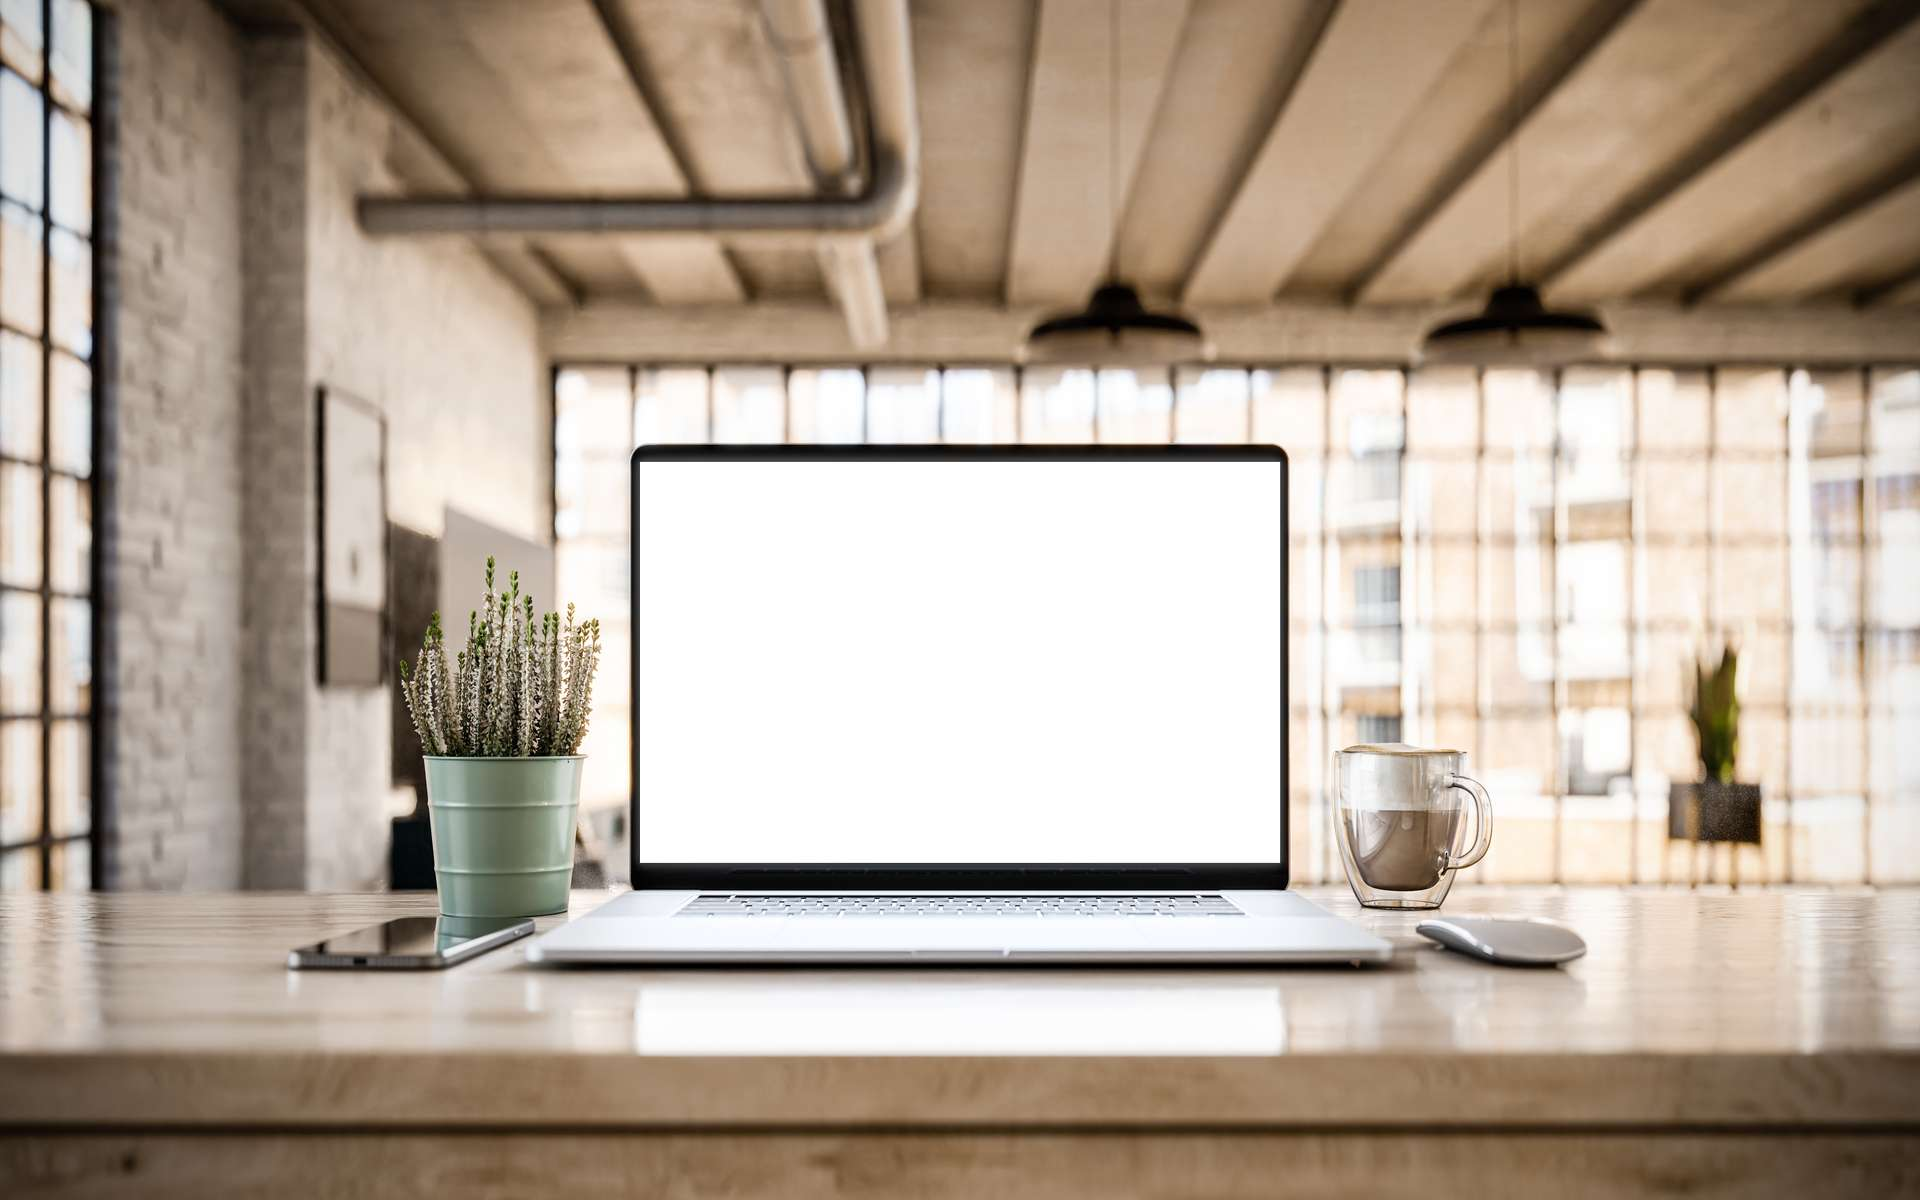 L'écran sans cadre offre une immersion complète. © guteksk7, Adobe Stock